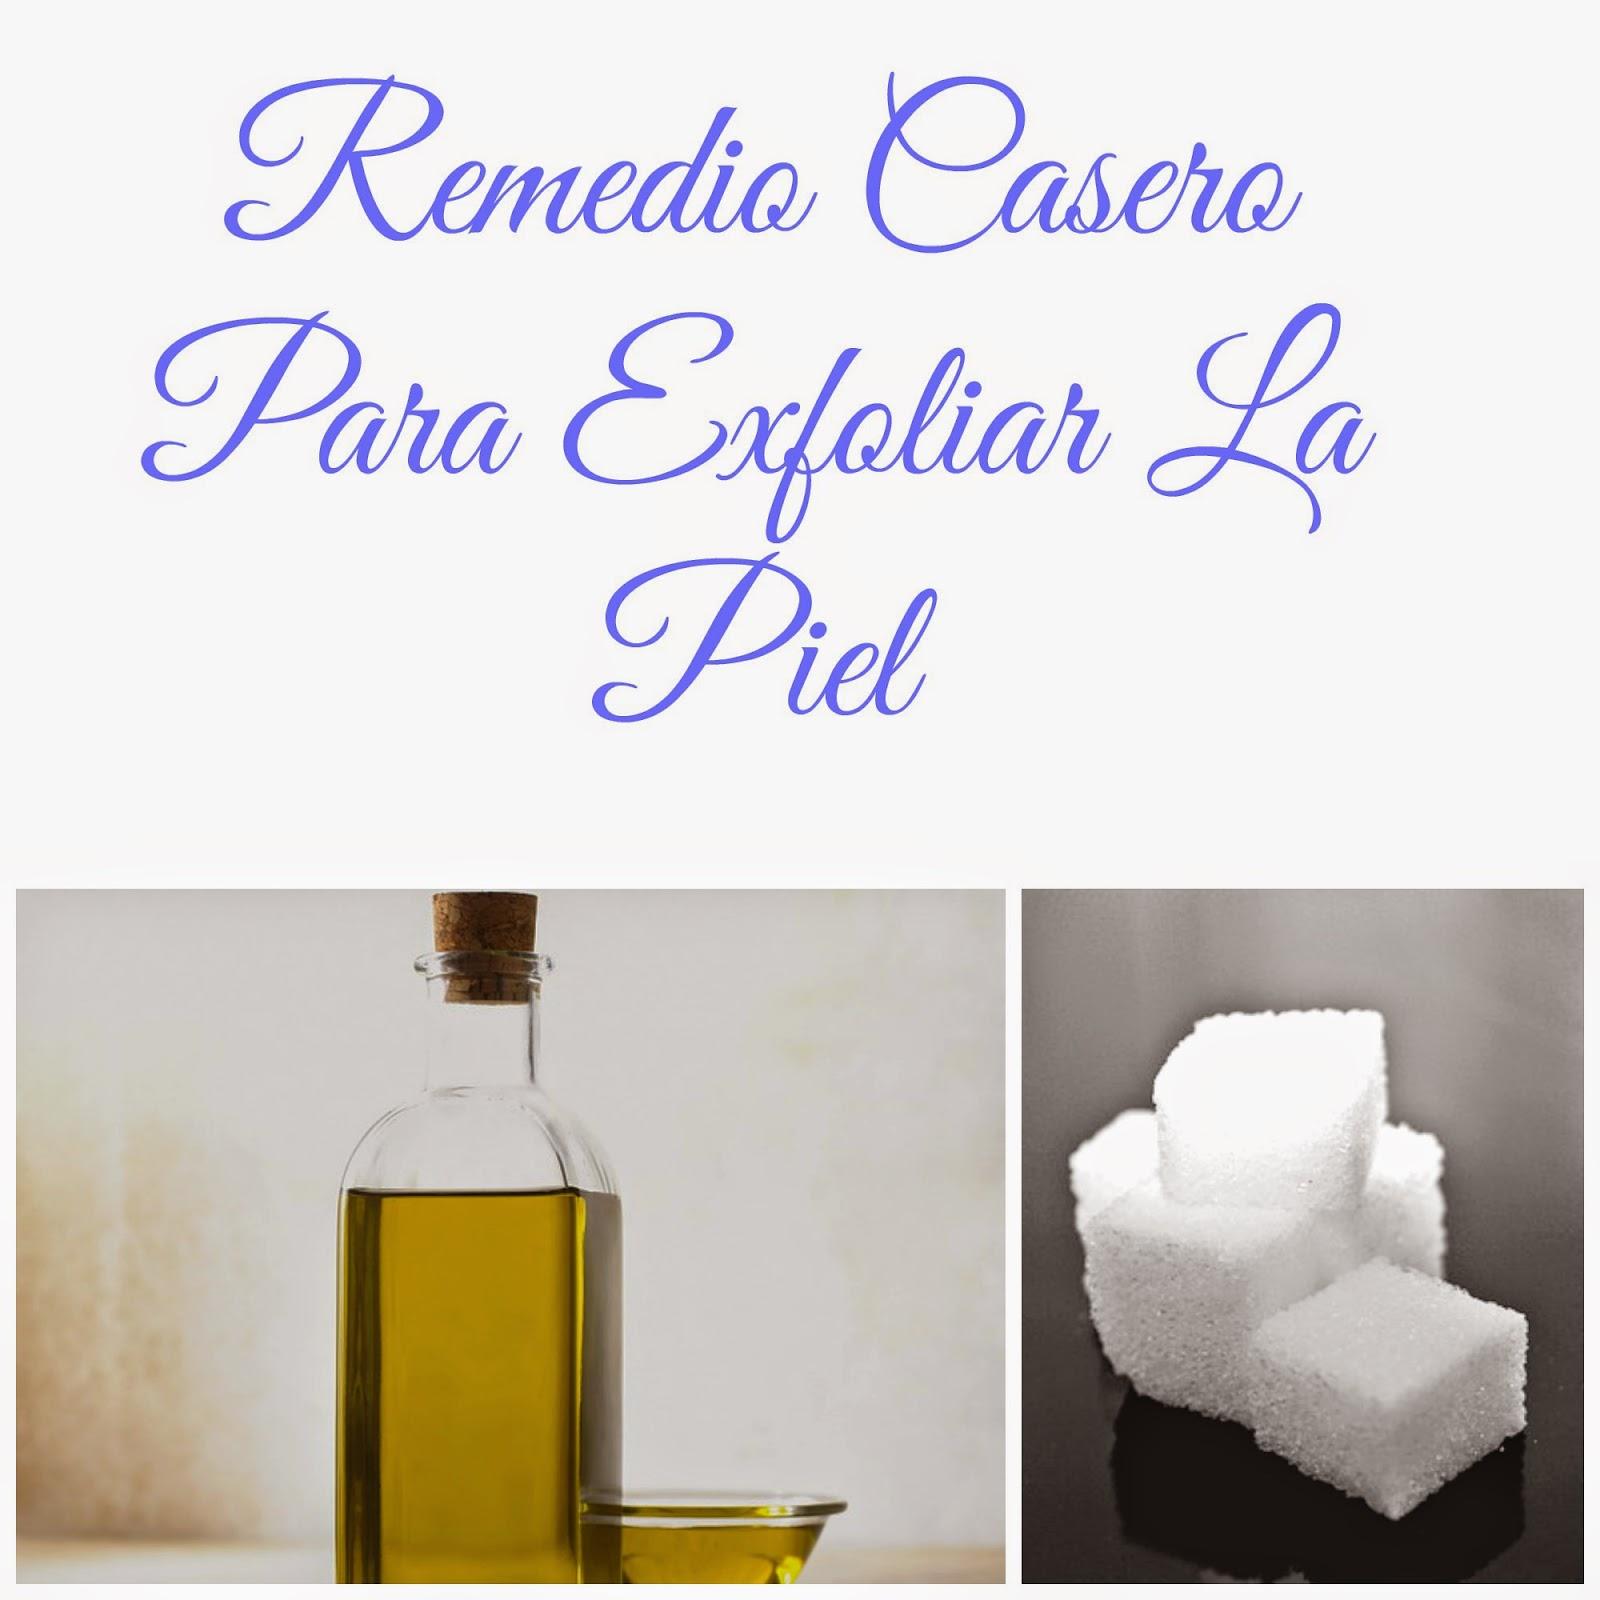 REMEDIO CASERO PARA EXFOLIAR LA PIEL